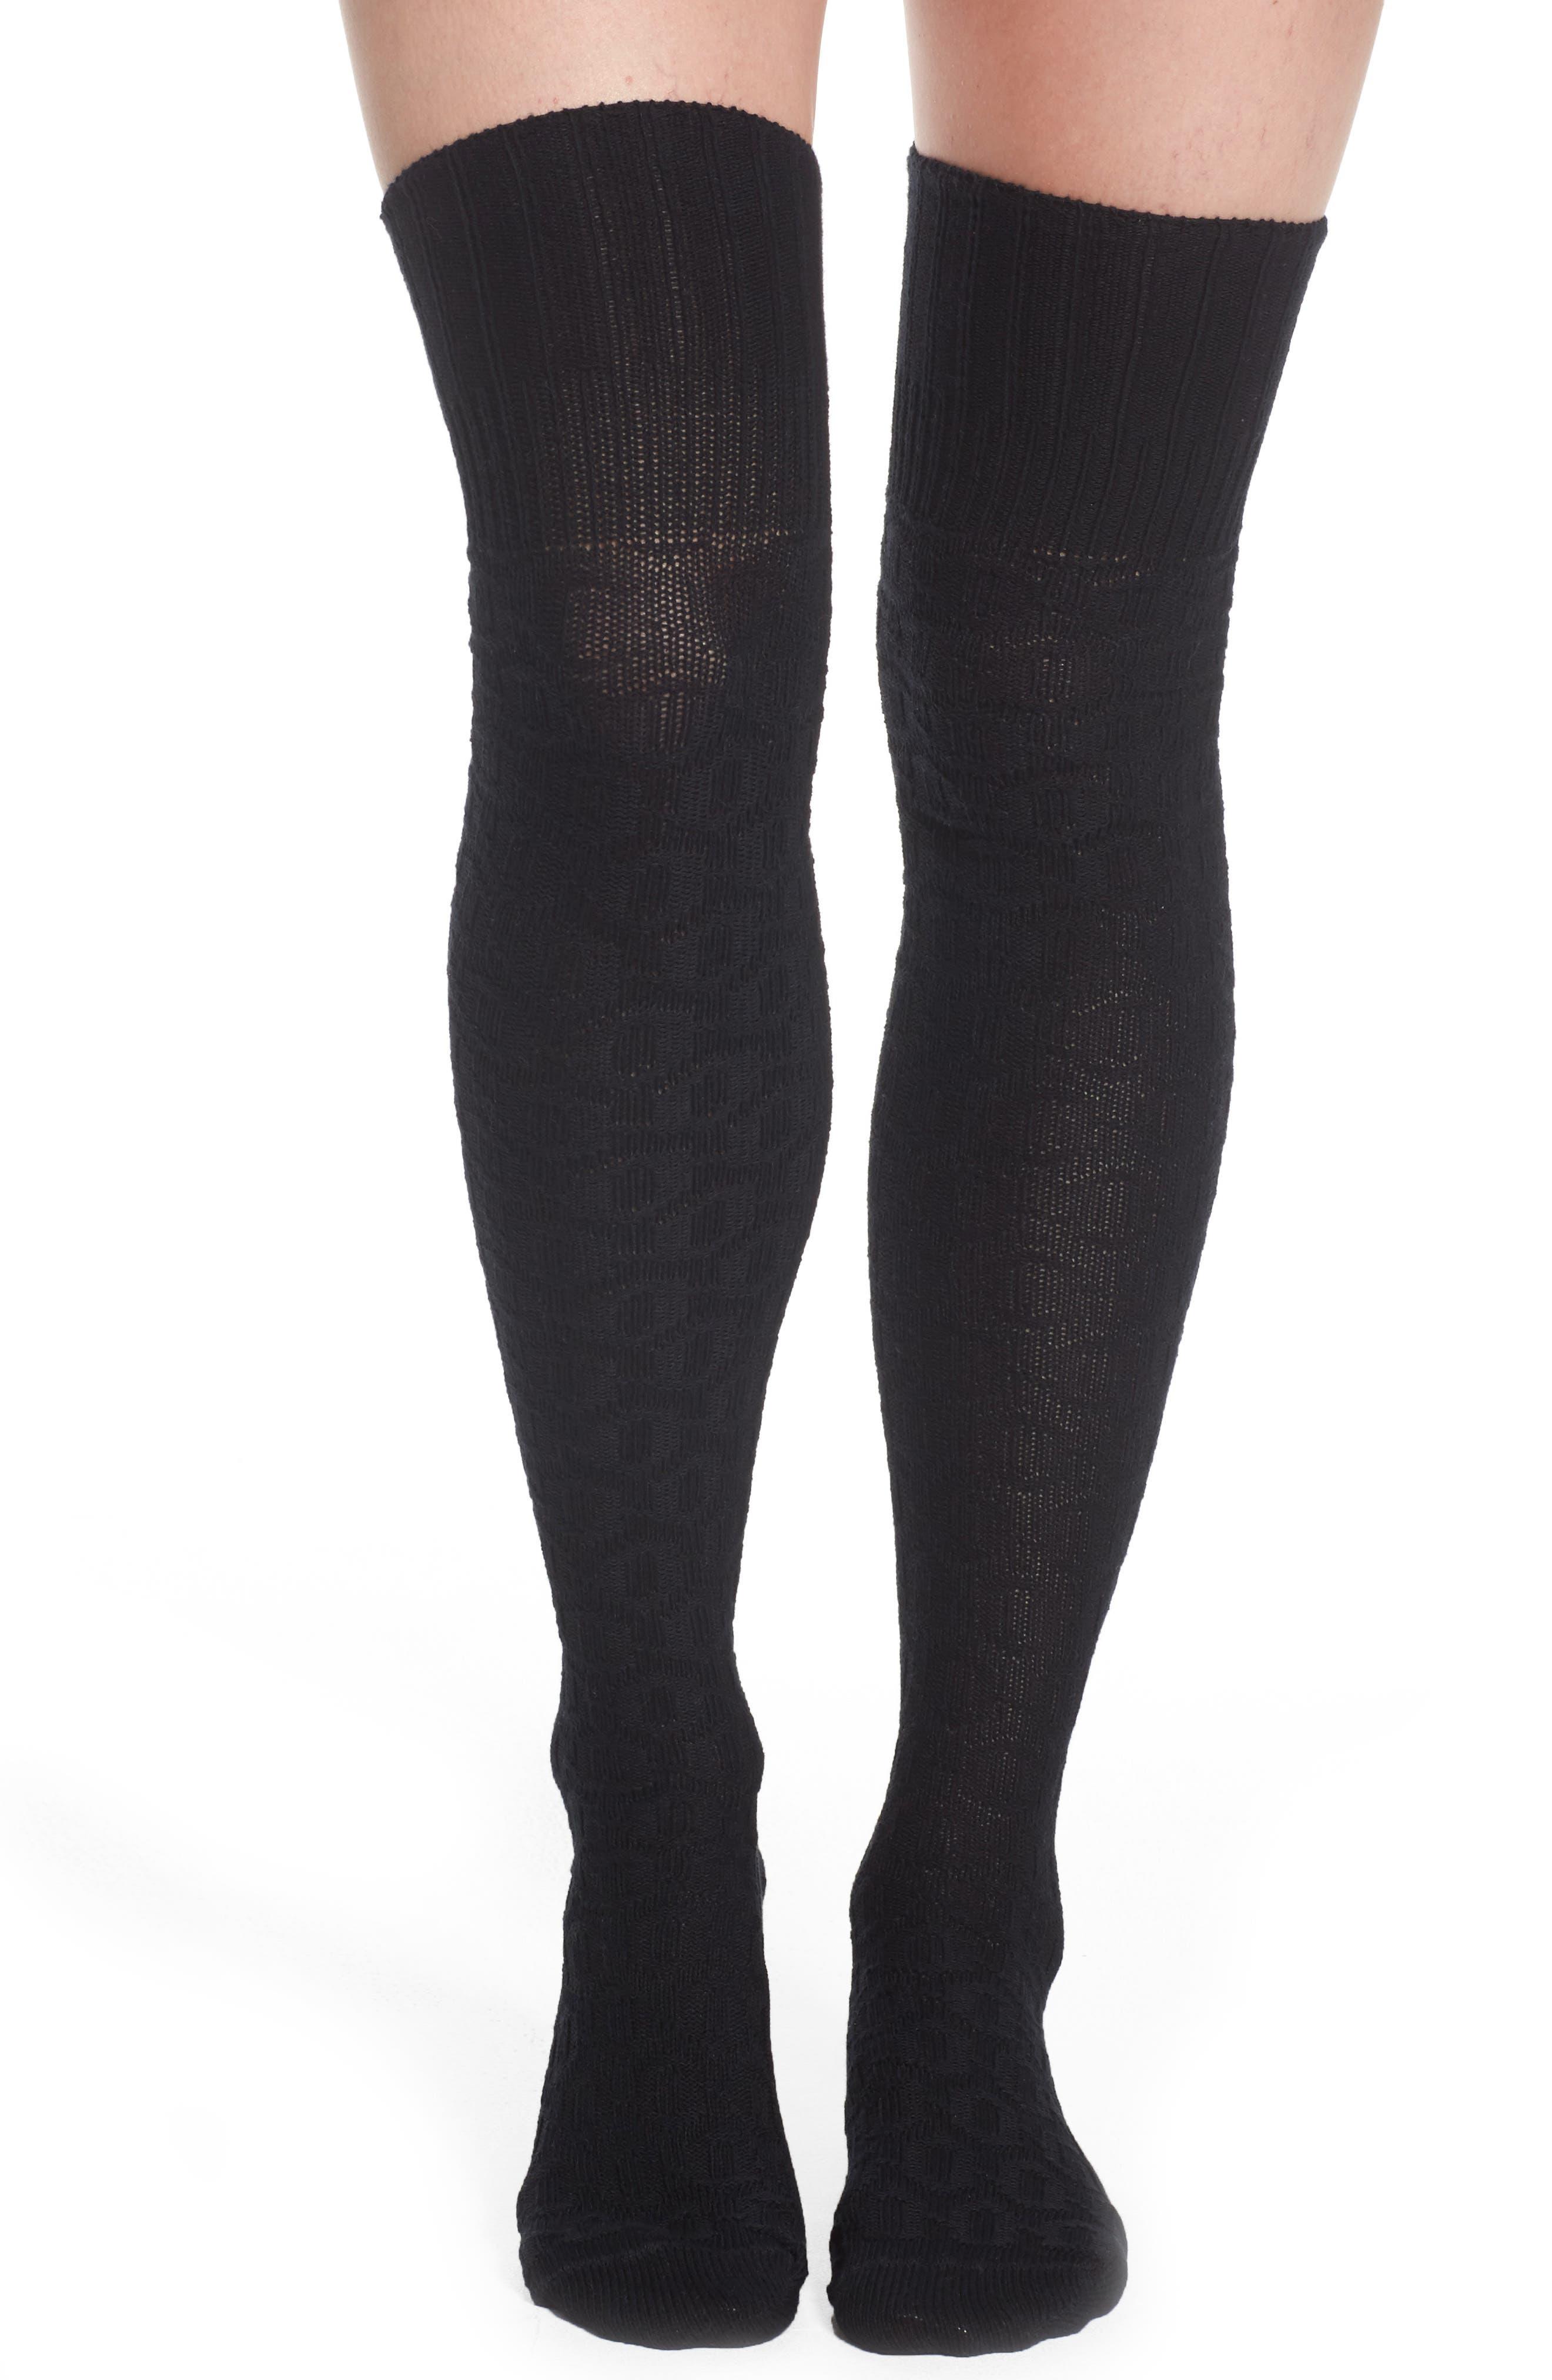 Main Image - Treasure & Bond Textured Knit over the Knee Socks